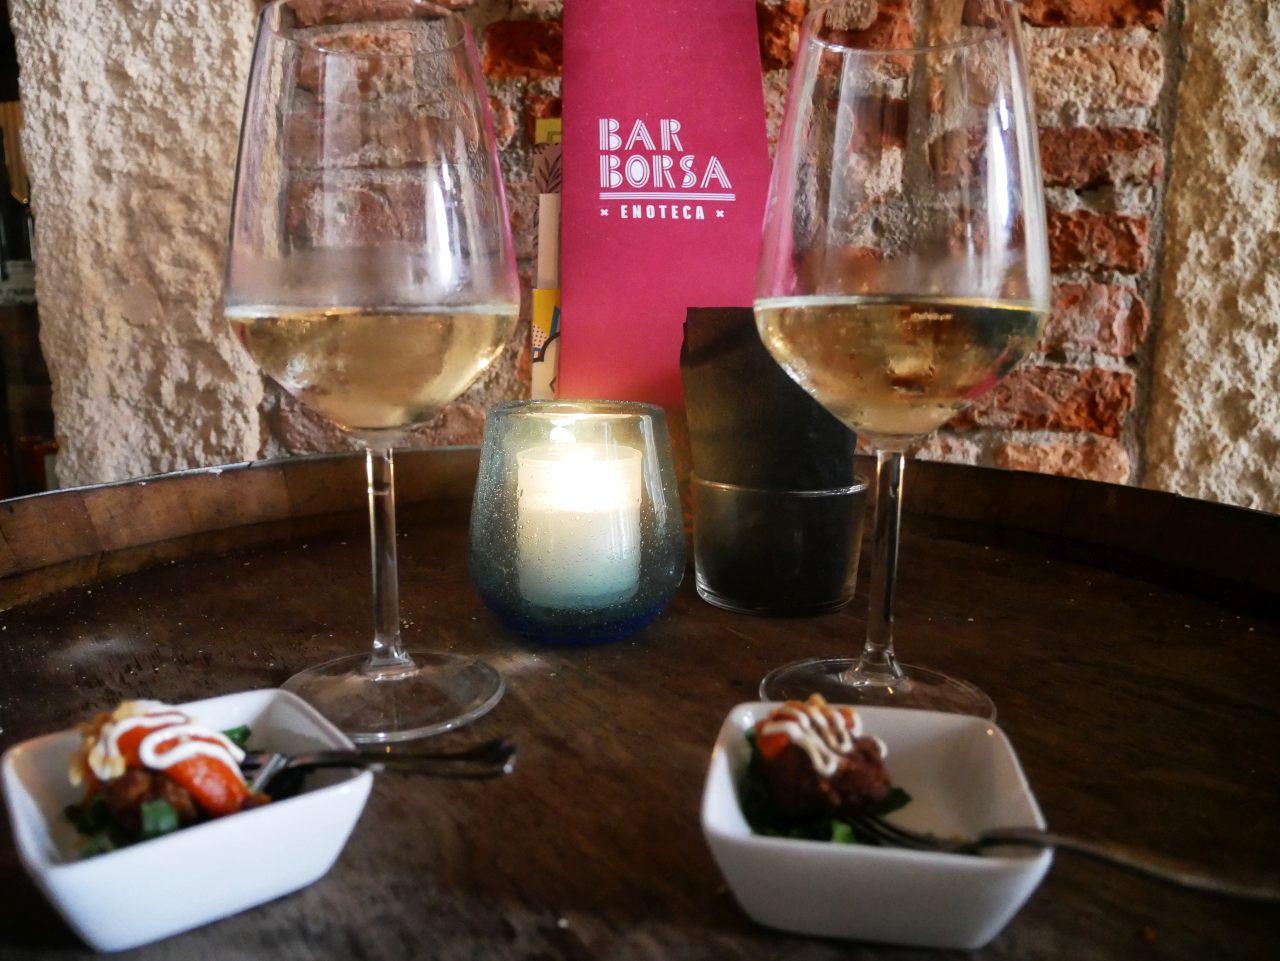 une journée à Vicence: bar borsa